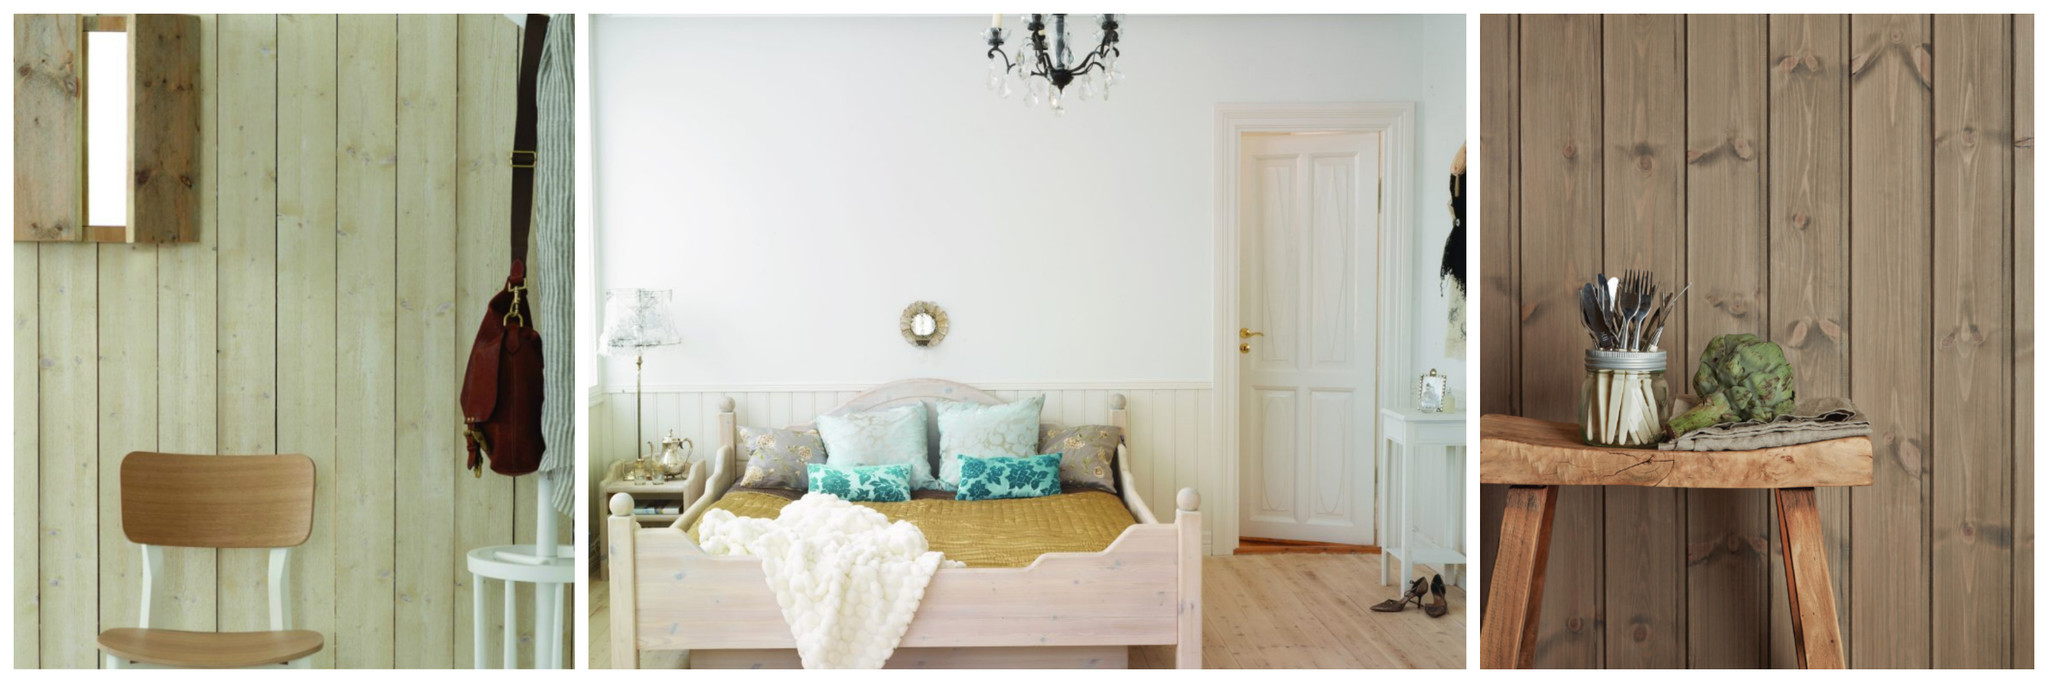 Houten meubels beitsen